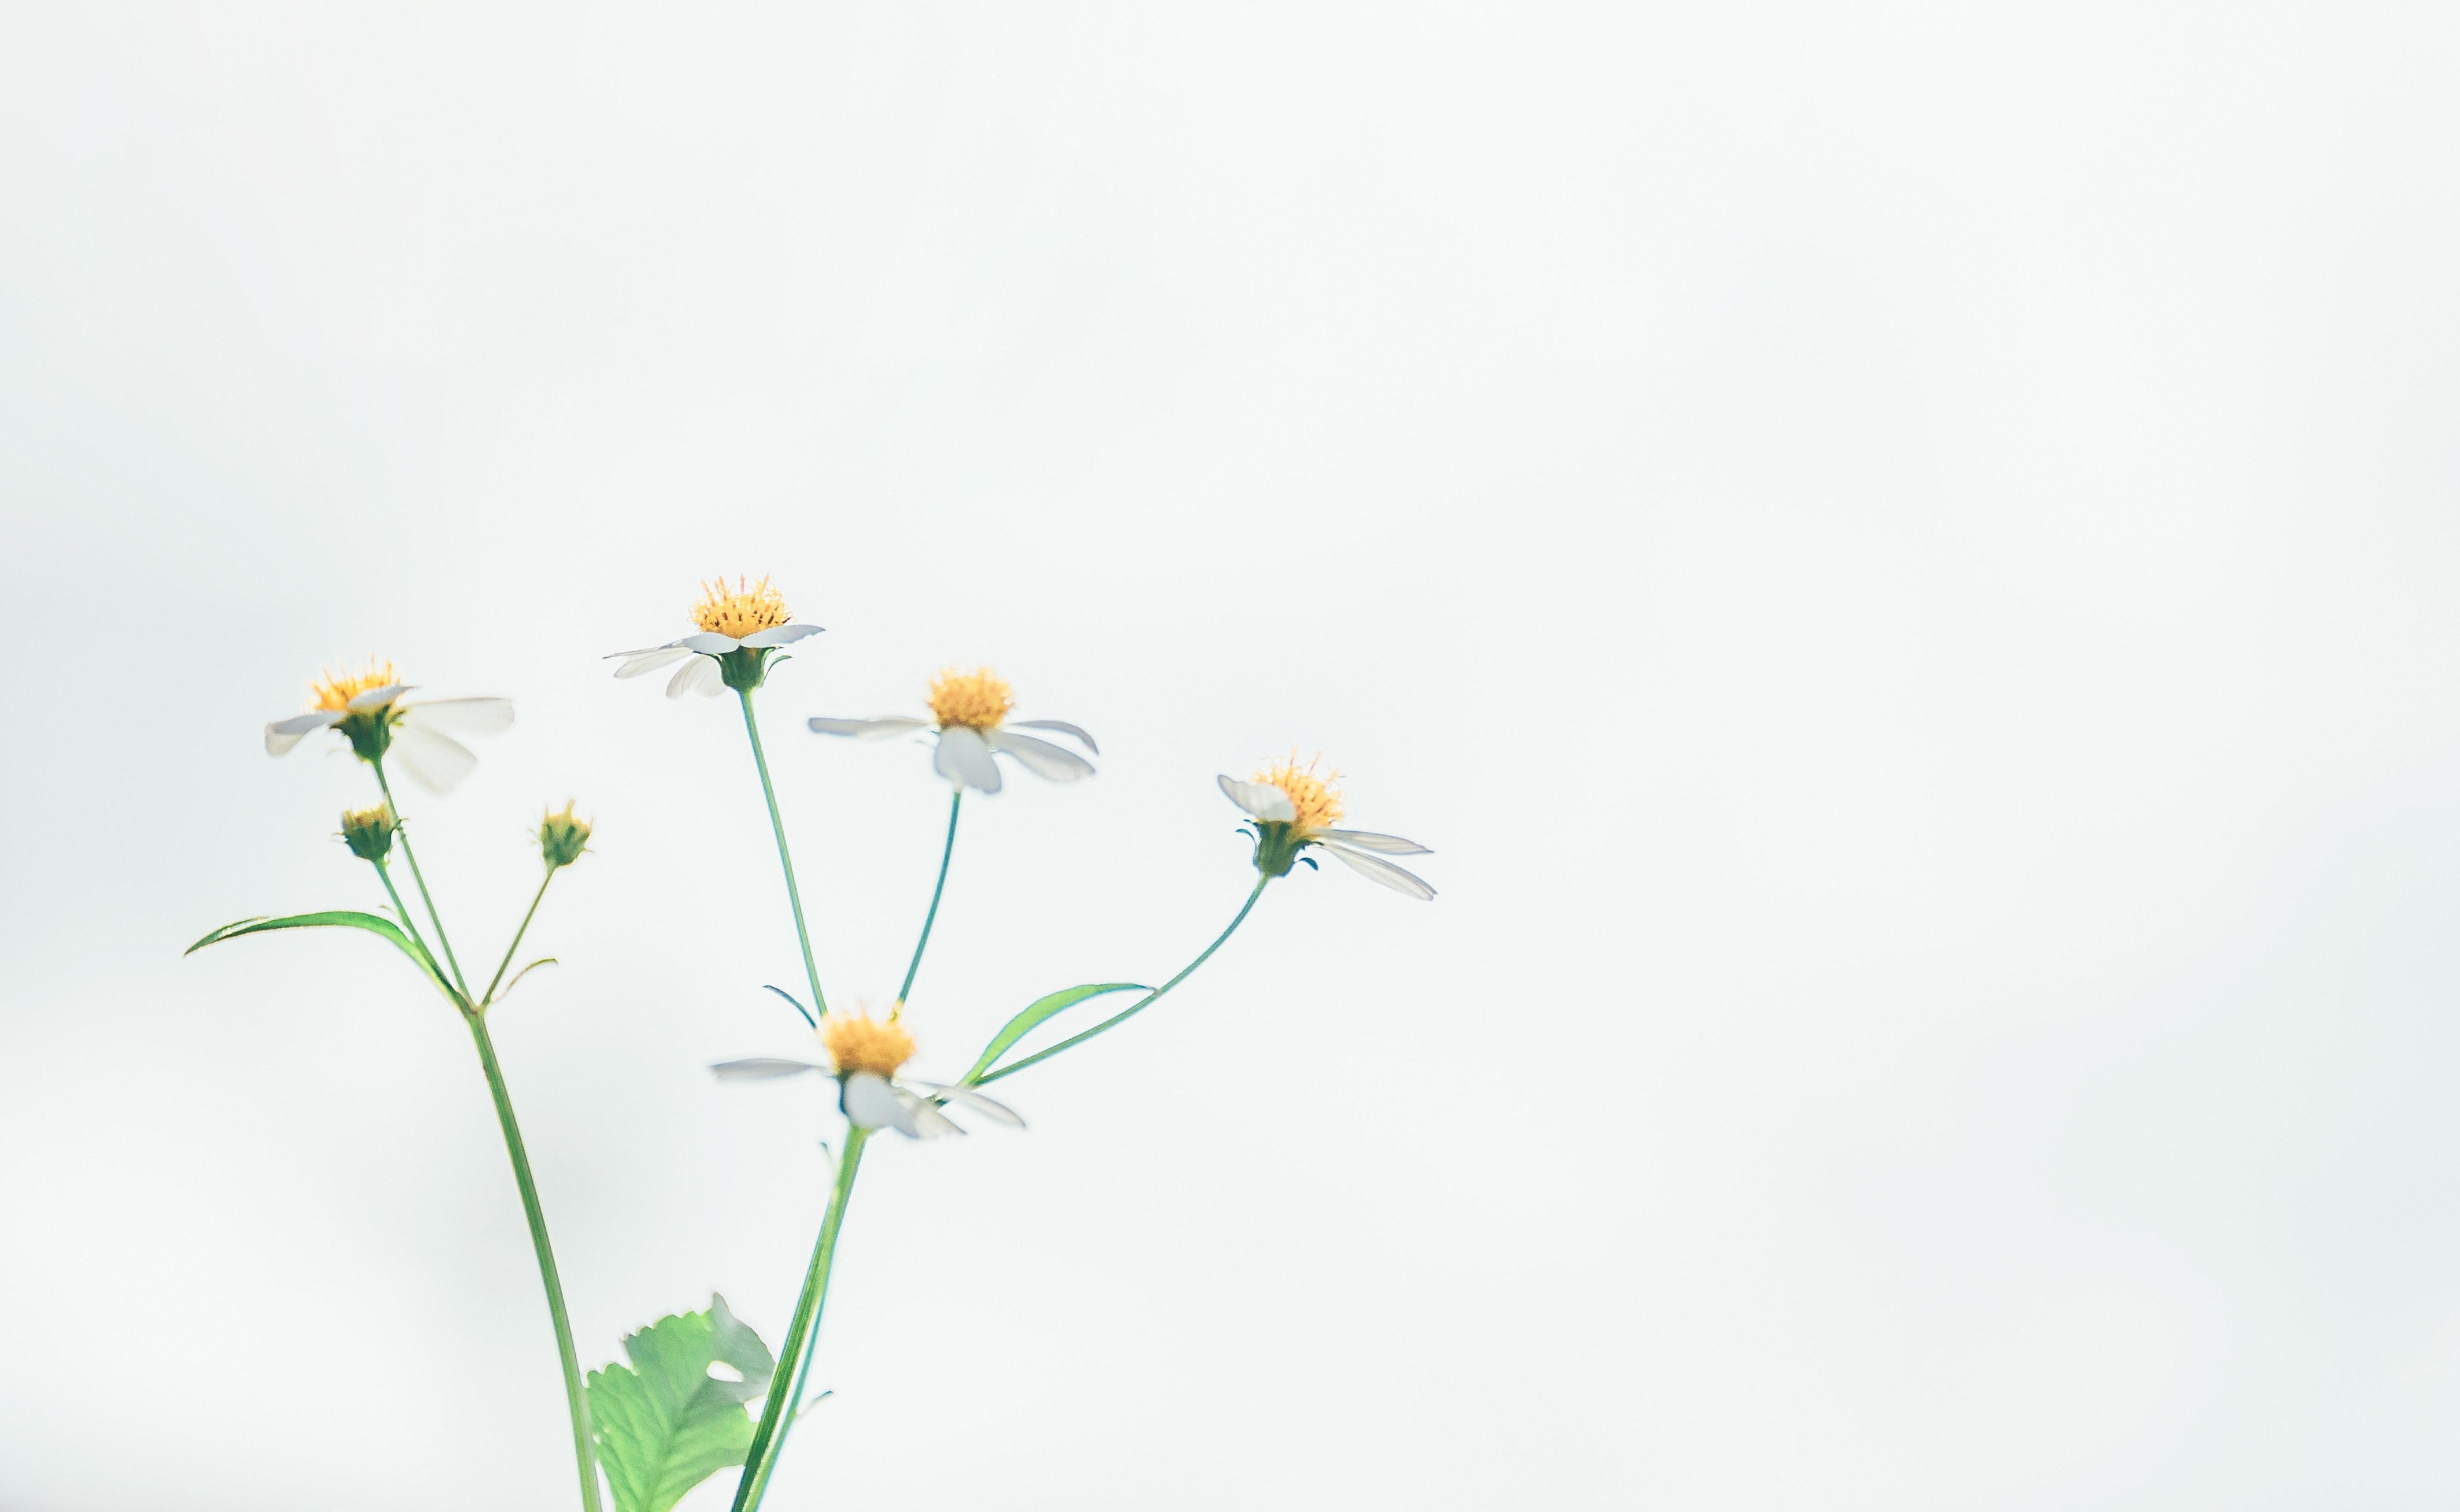 Free Images Bloom Blossom Chamomile Desktop Backgrounds